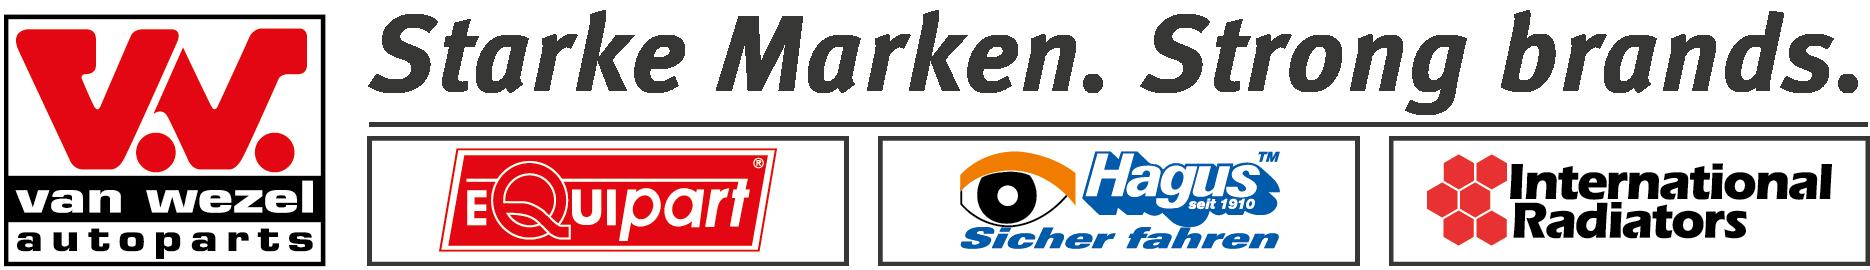 Van Wezel GmbH